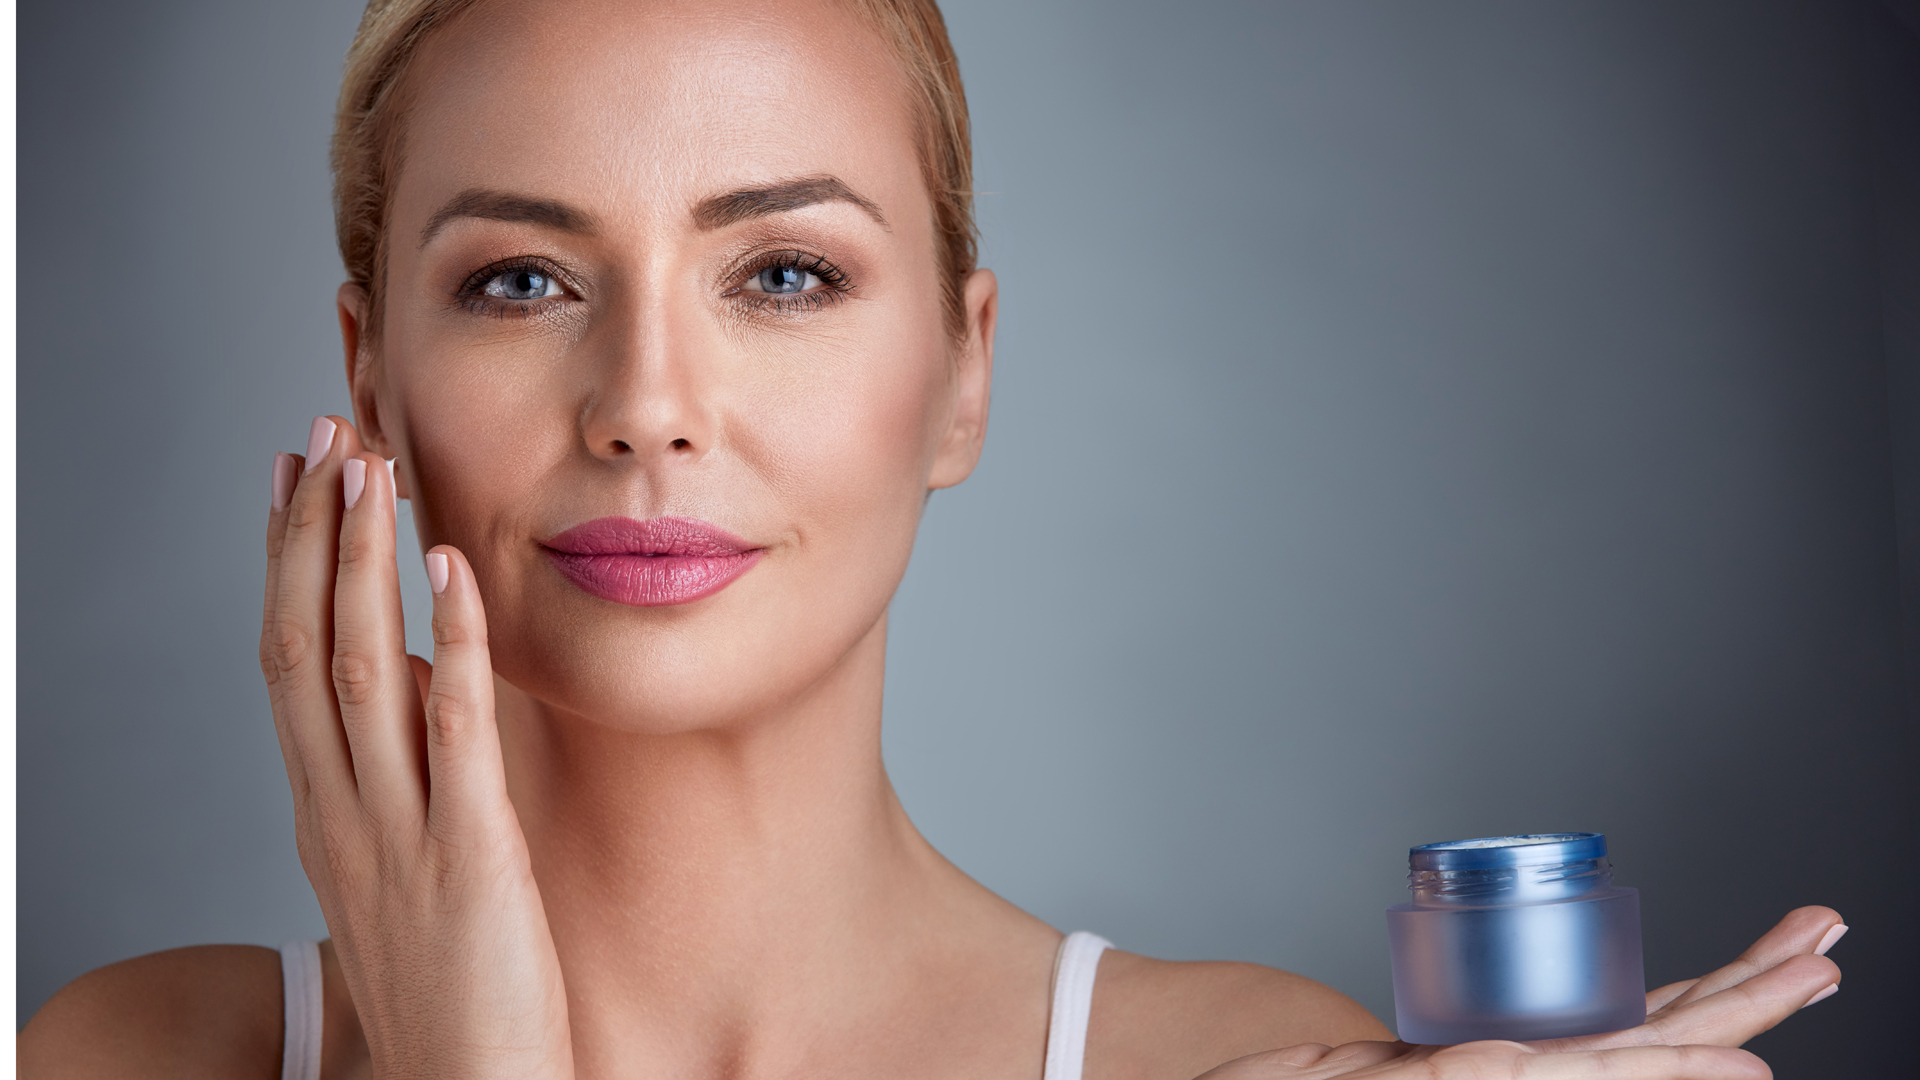 Algunos hábitos saludables tienen directa incidencia sobre la 'belleza' otros dependen de la genética